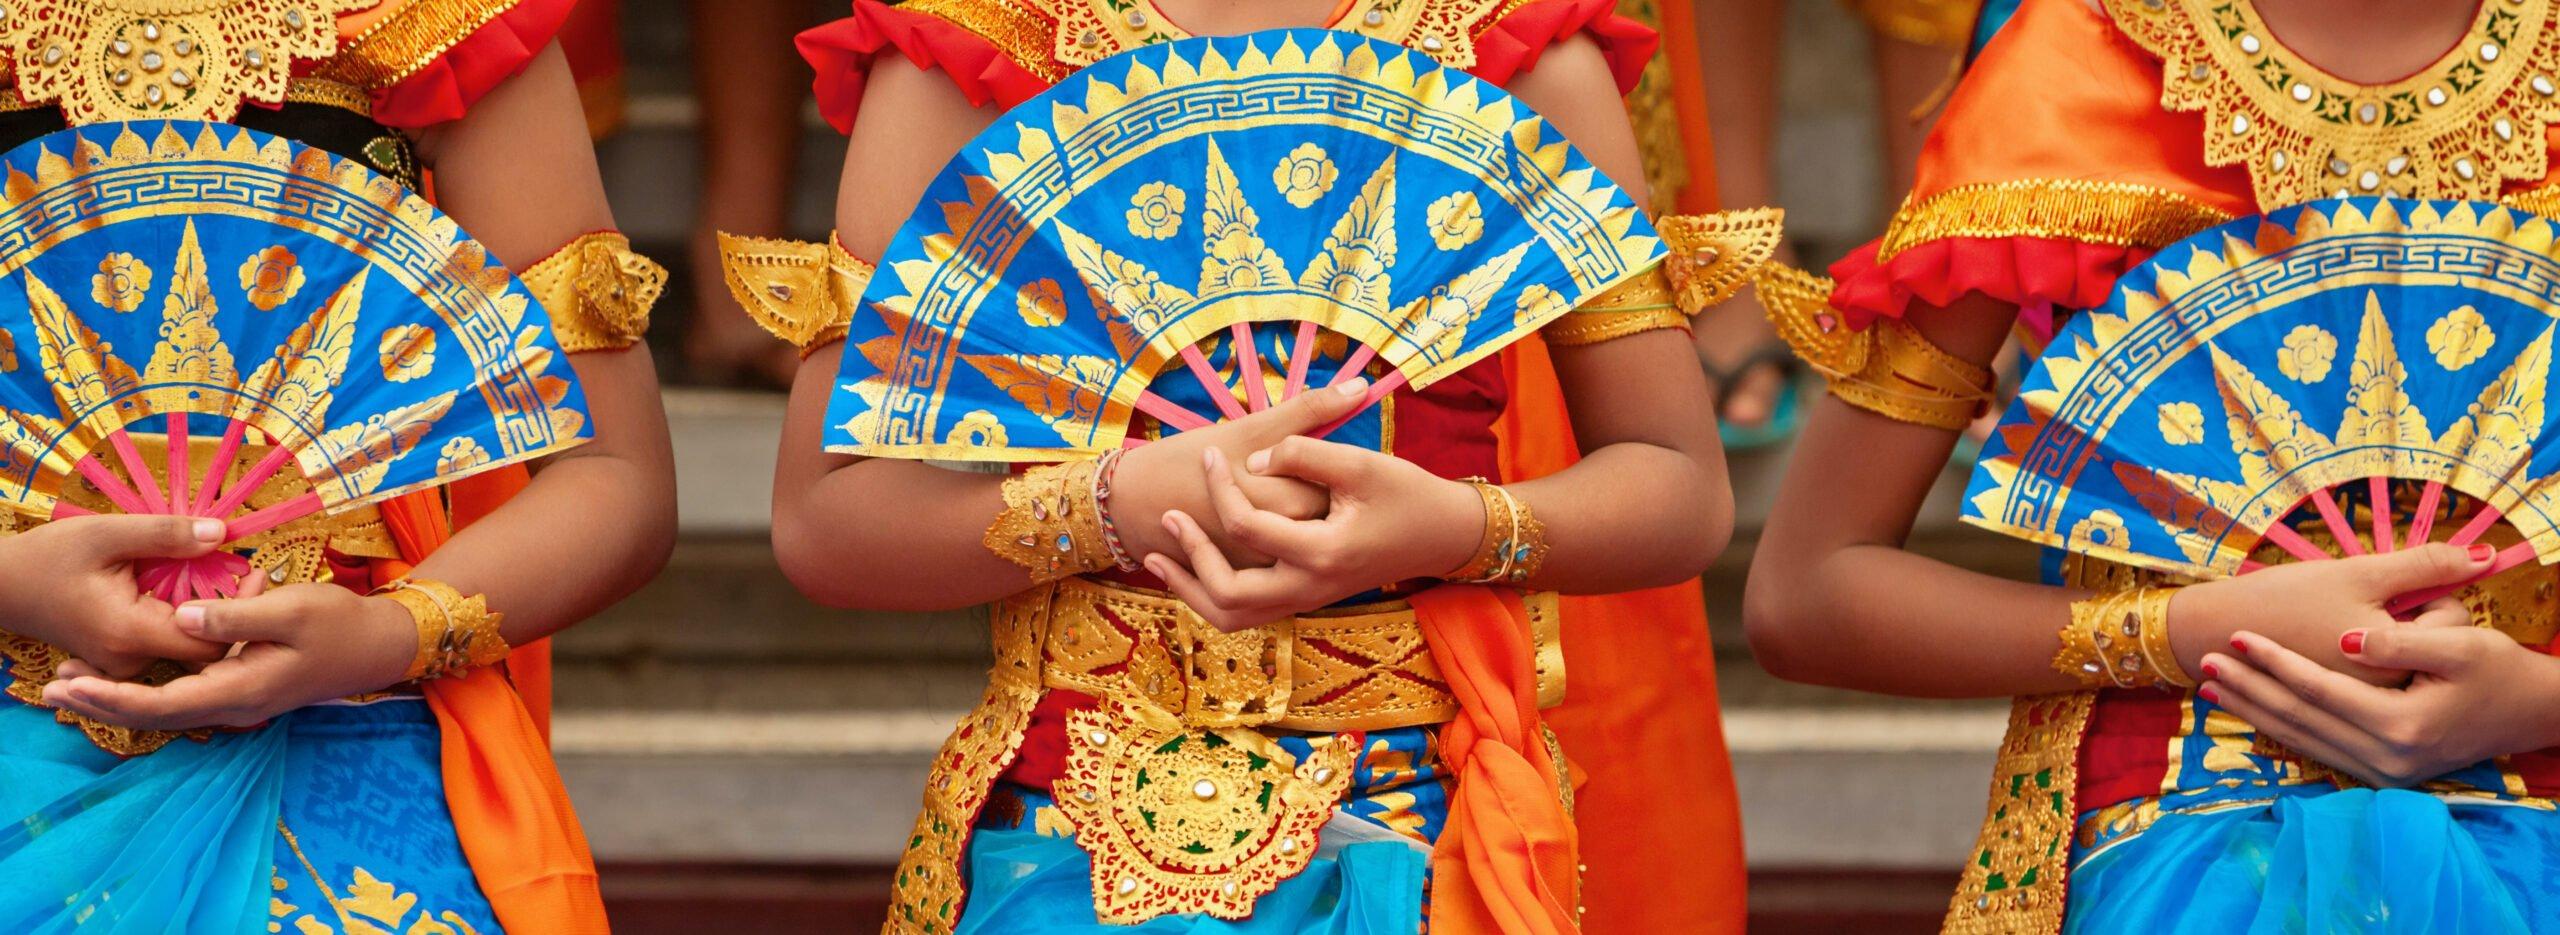 Indonesia Culture Guide